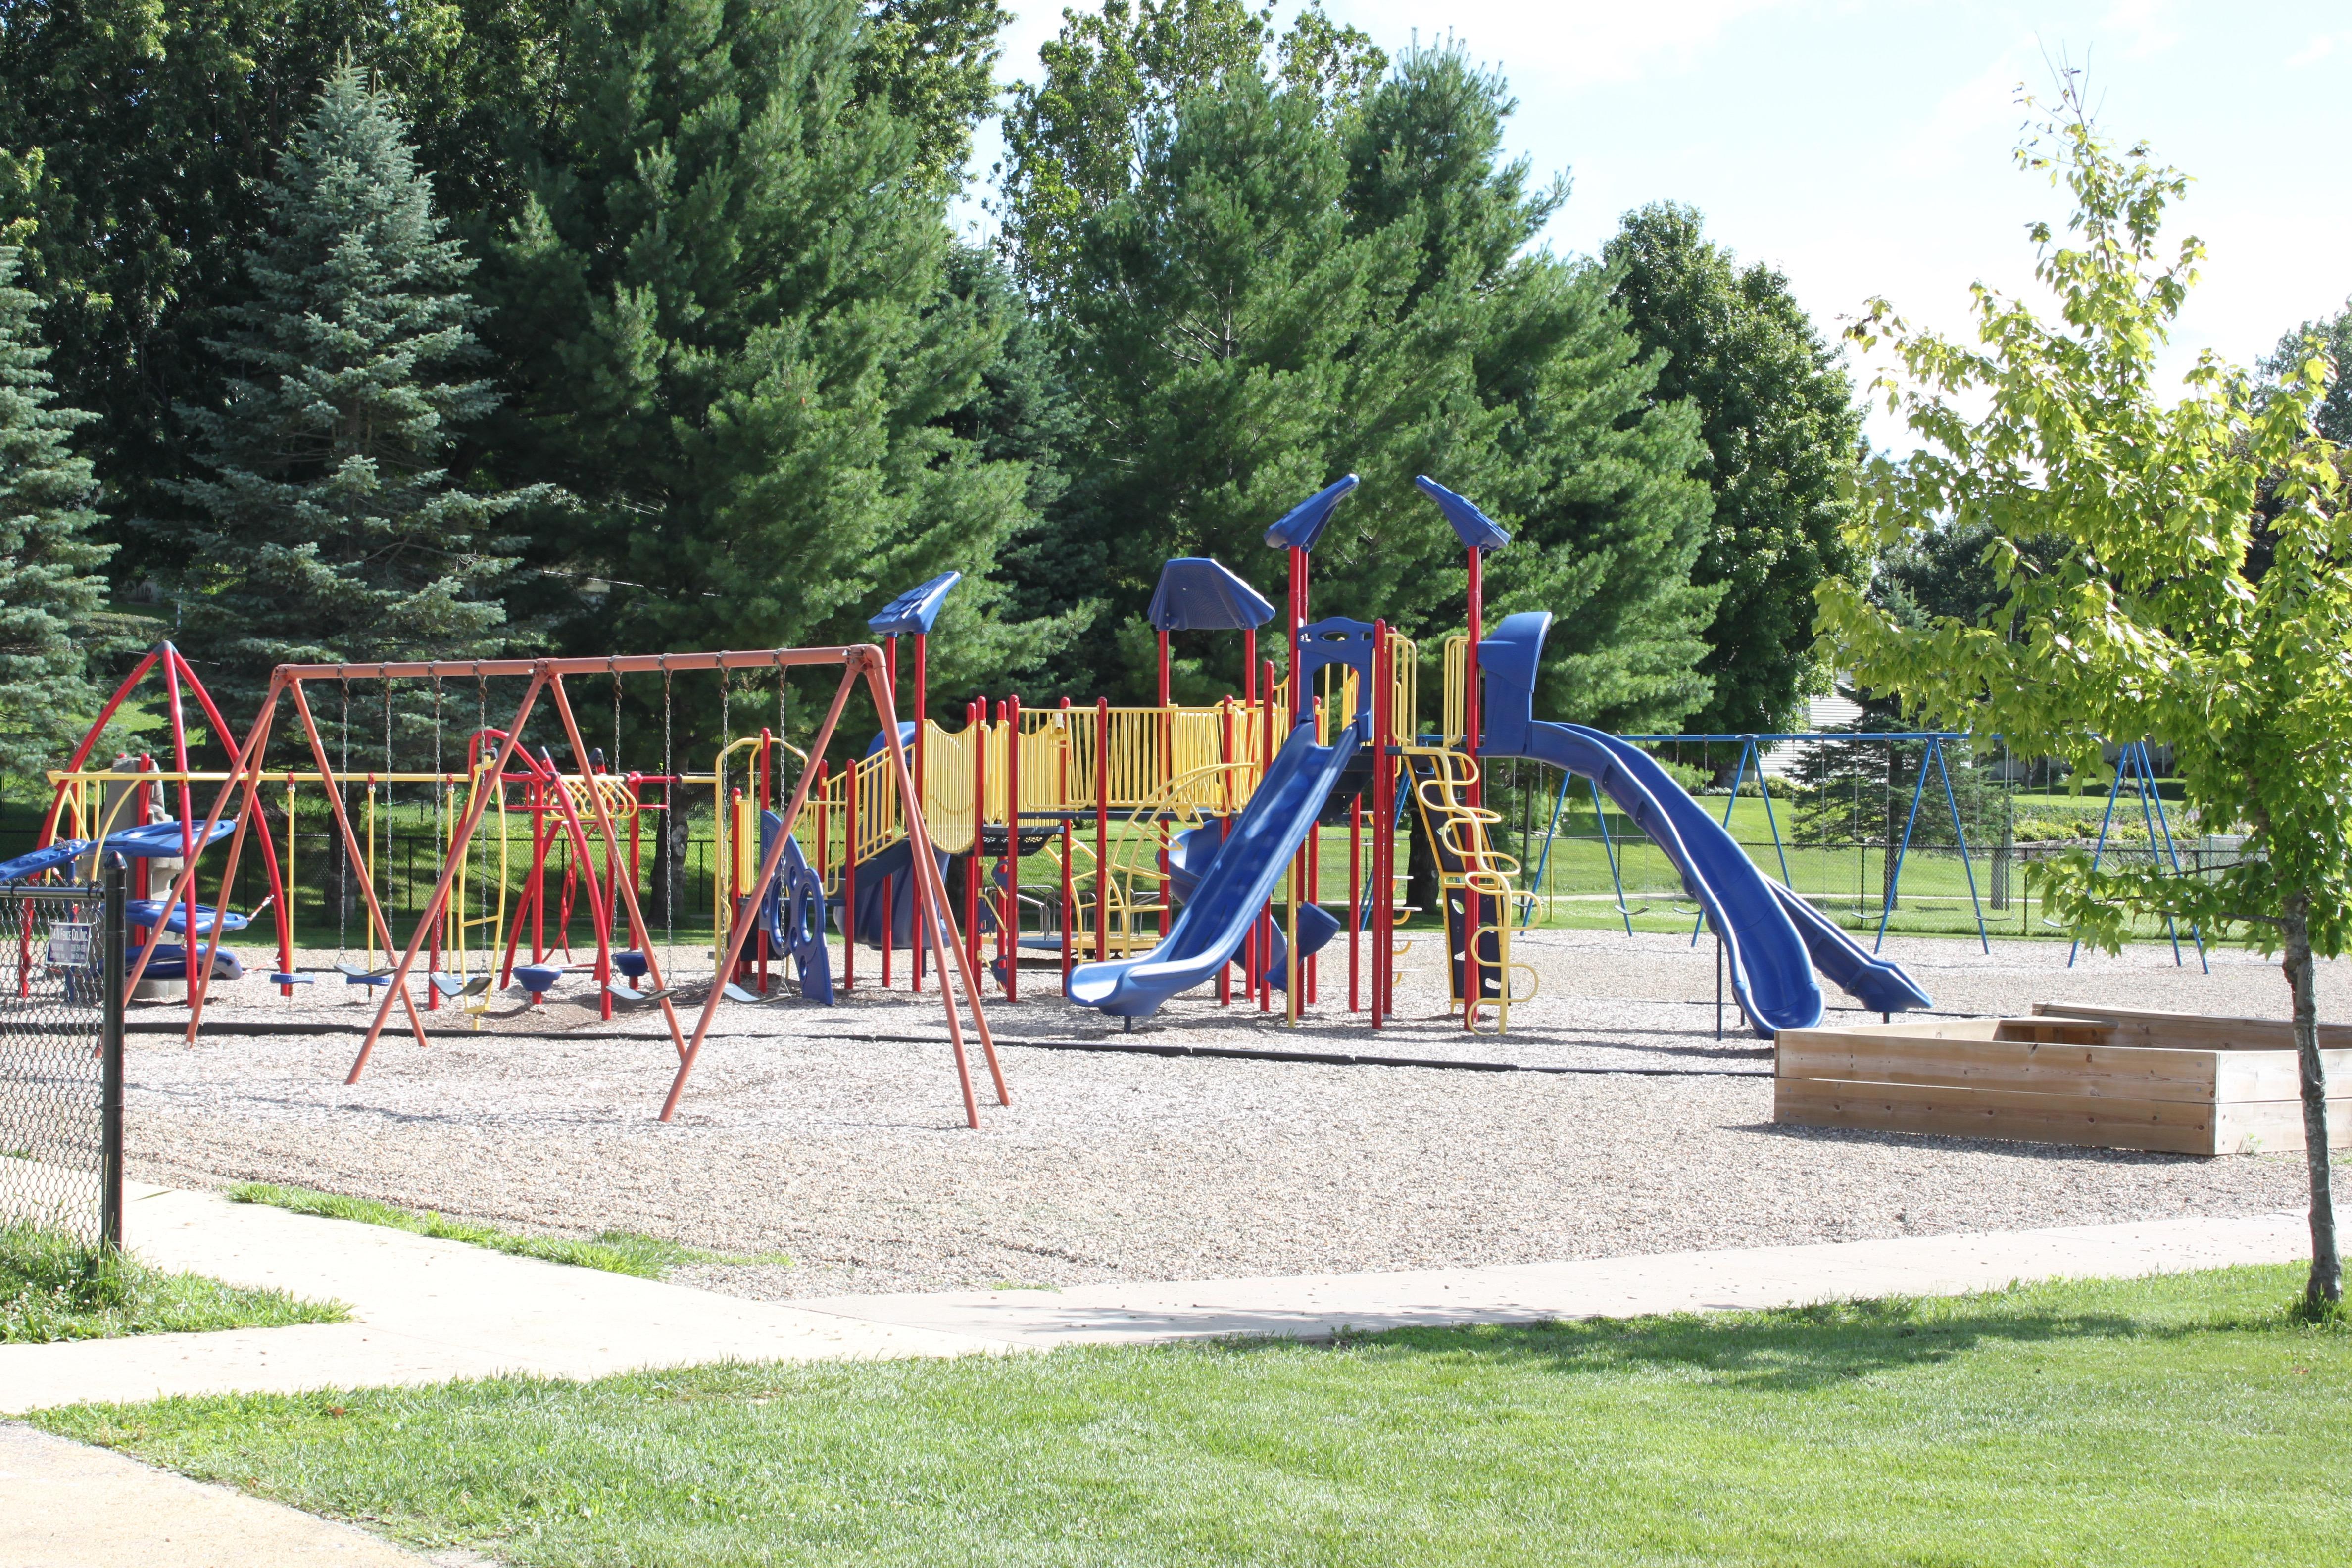 SHE Playground